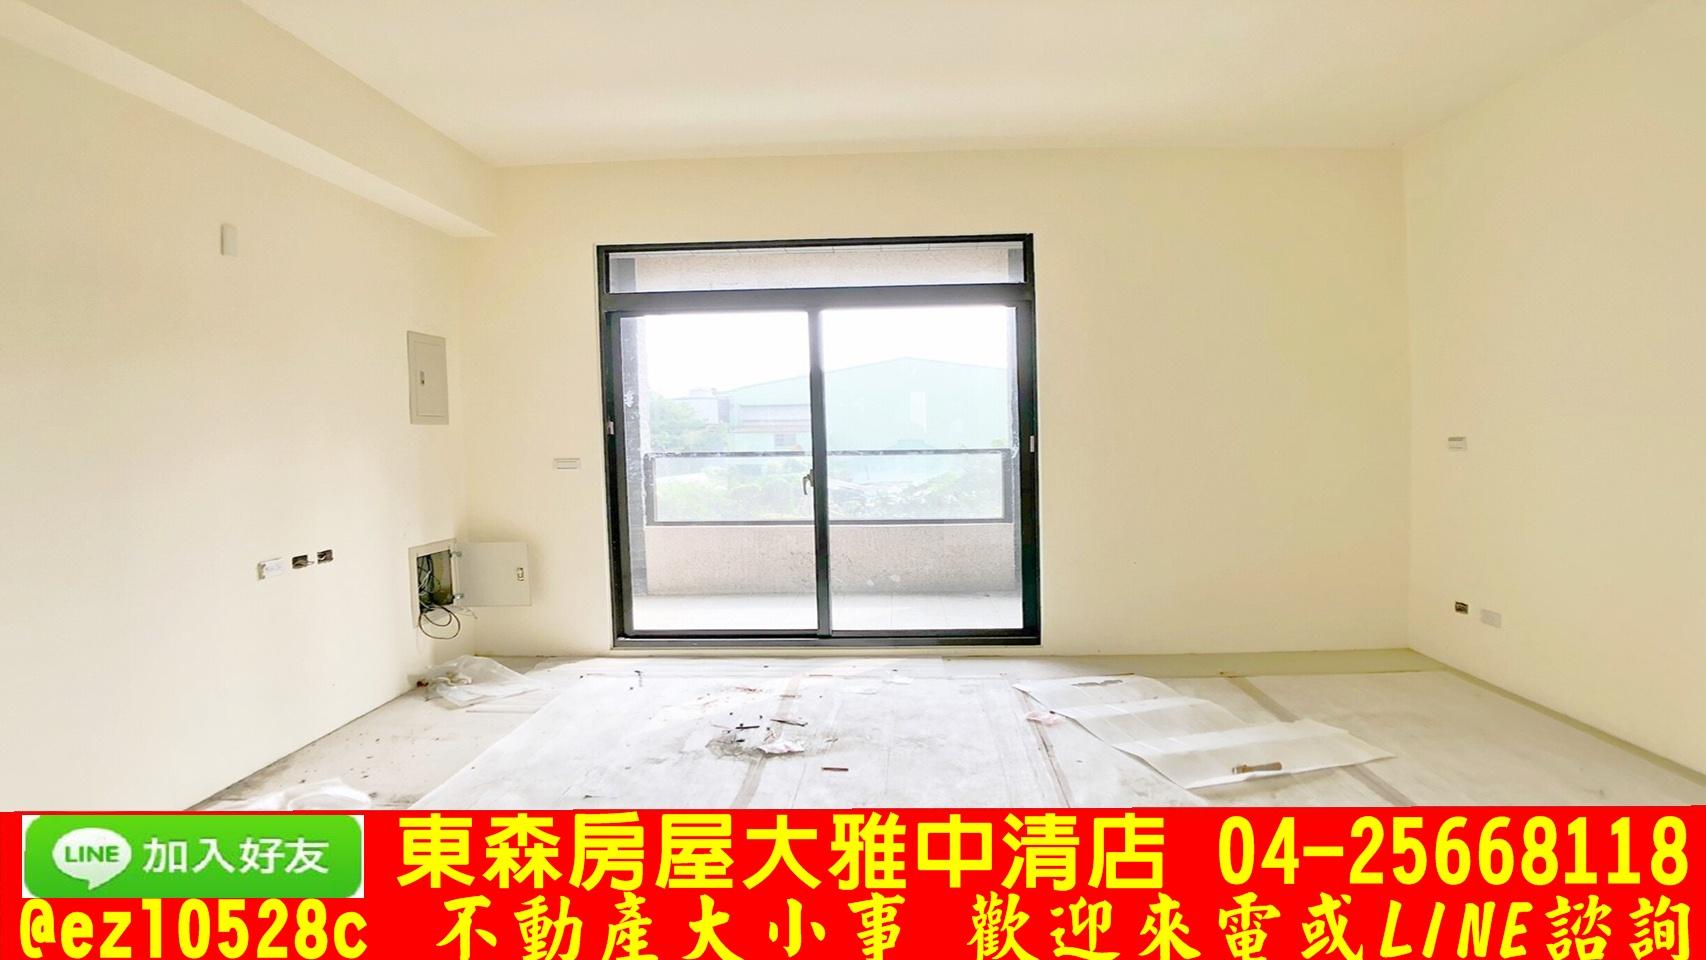 東森房屋大雅中清店-全新大地坪美墅